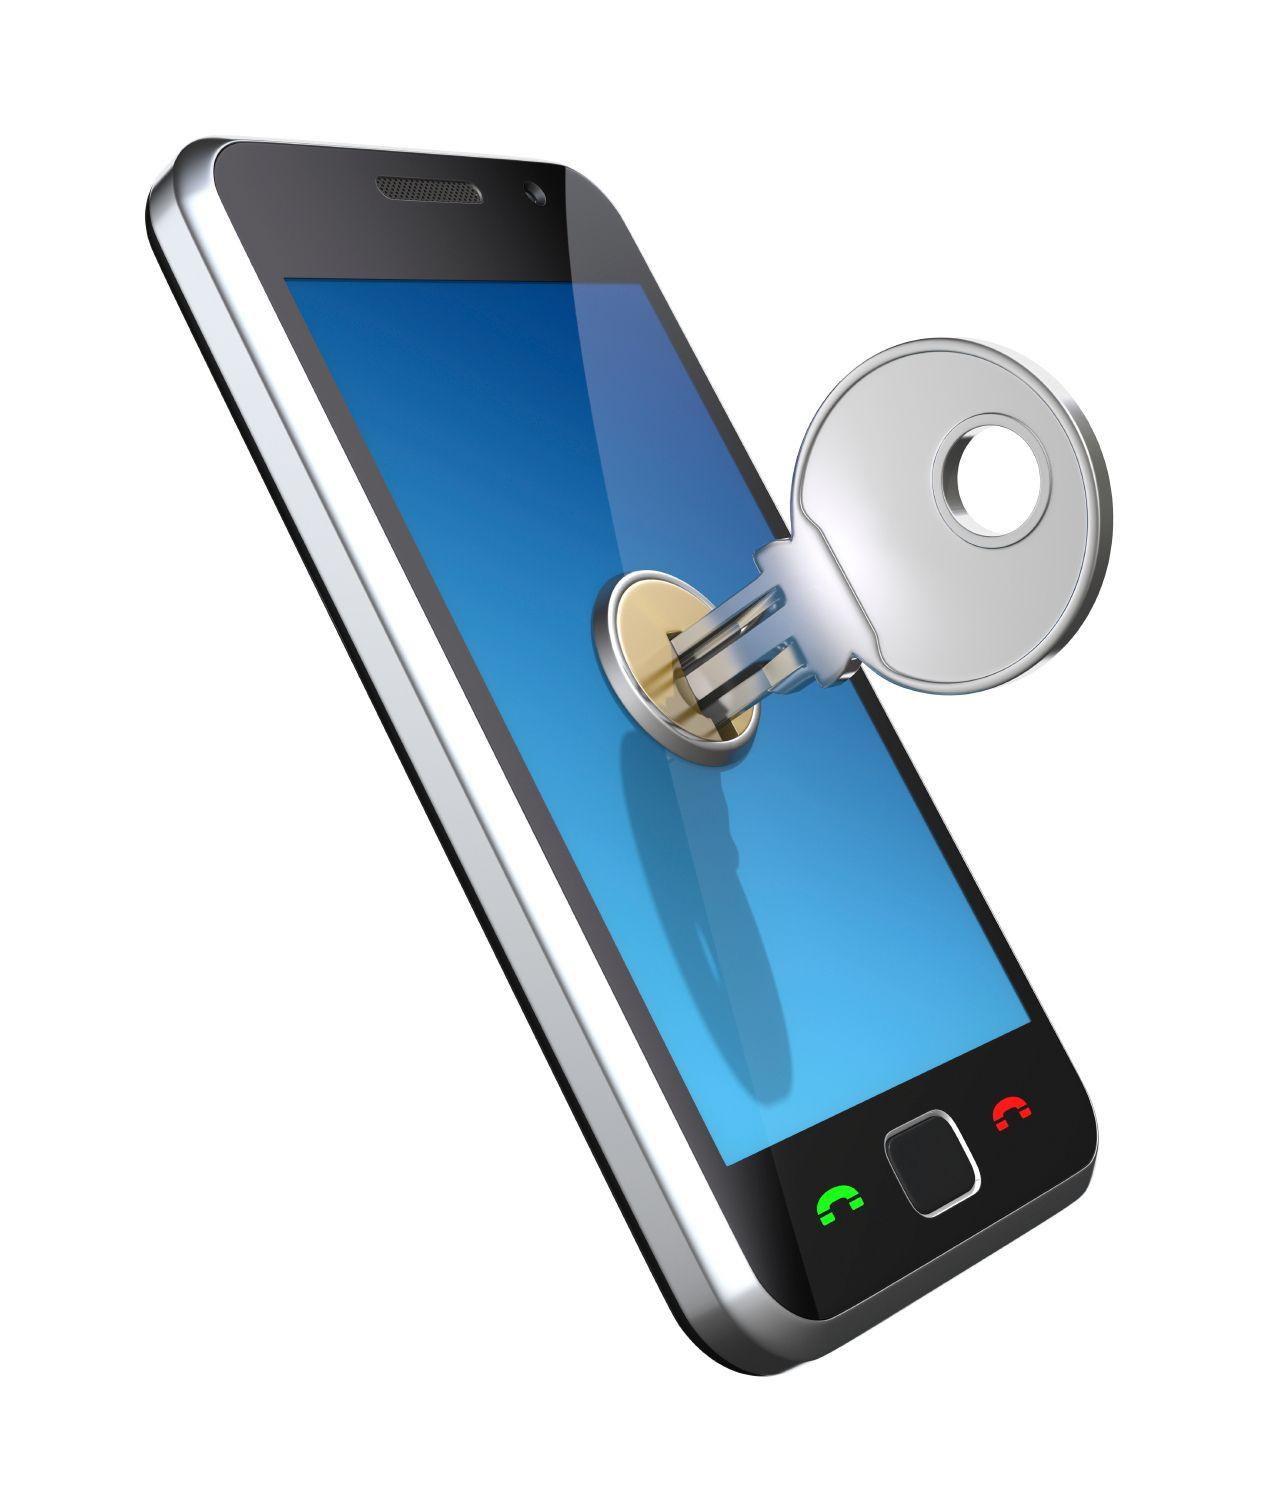 Beskyttelse er viktig både på mobilen og andre steder.